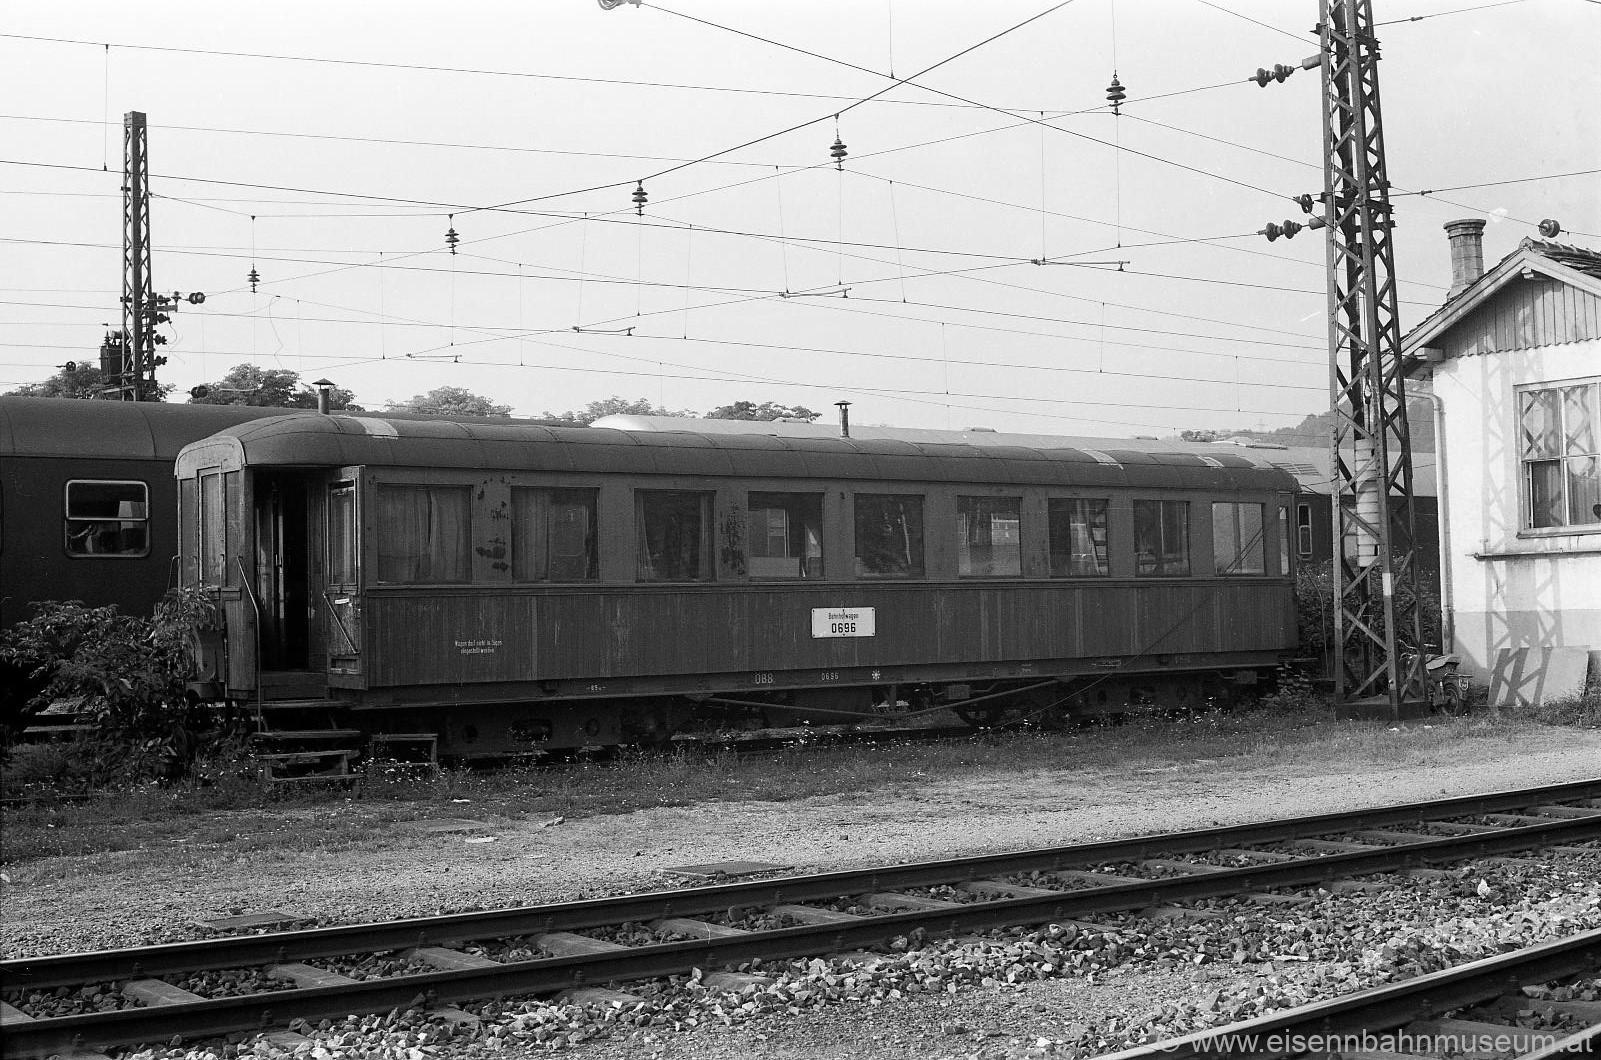 Personenwagen LWP C4iph 42 903